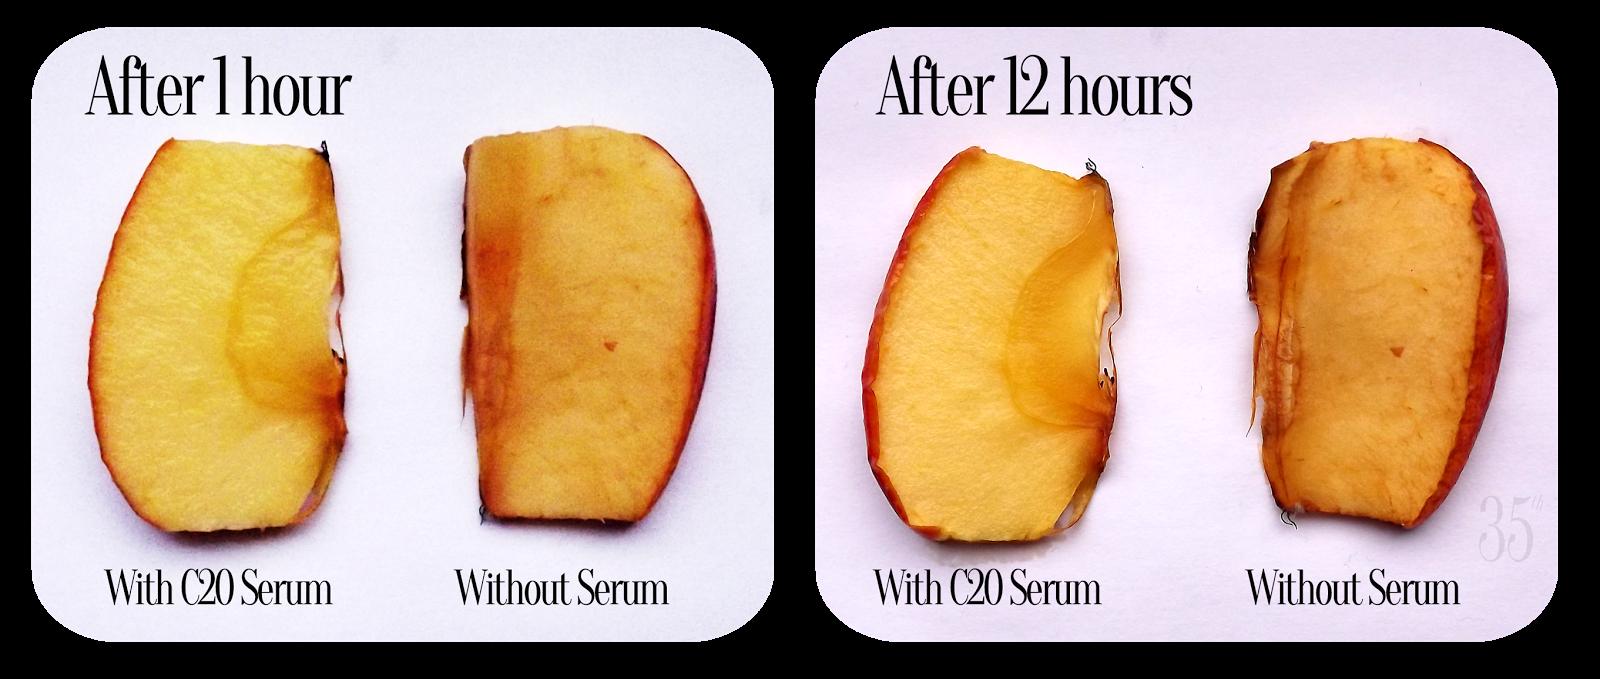 OST Original Pure Vitamin C20 Serum apple